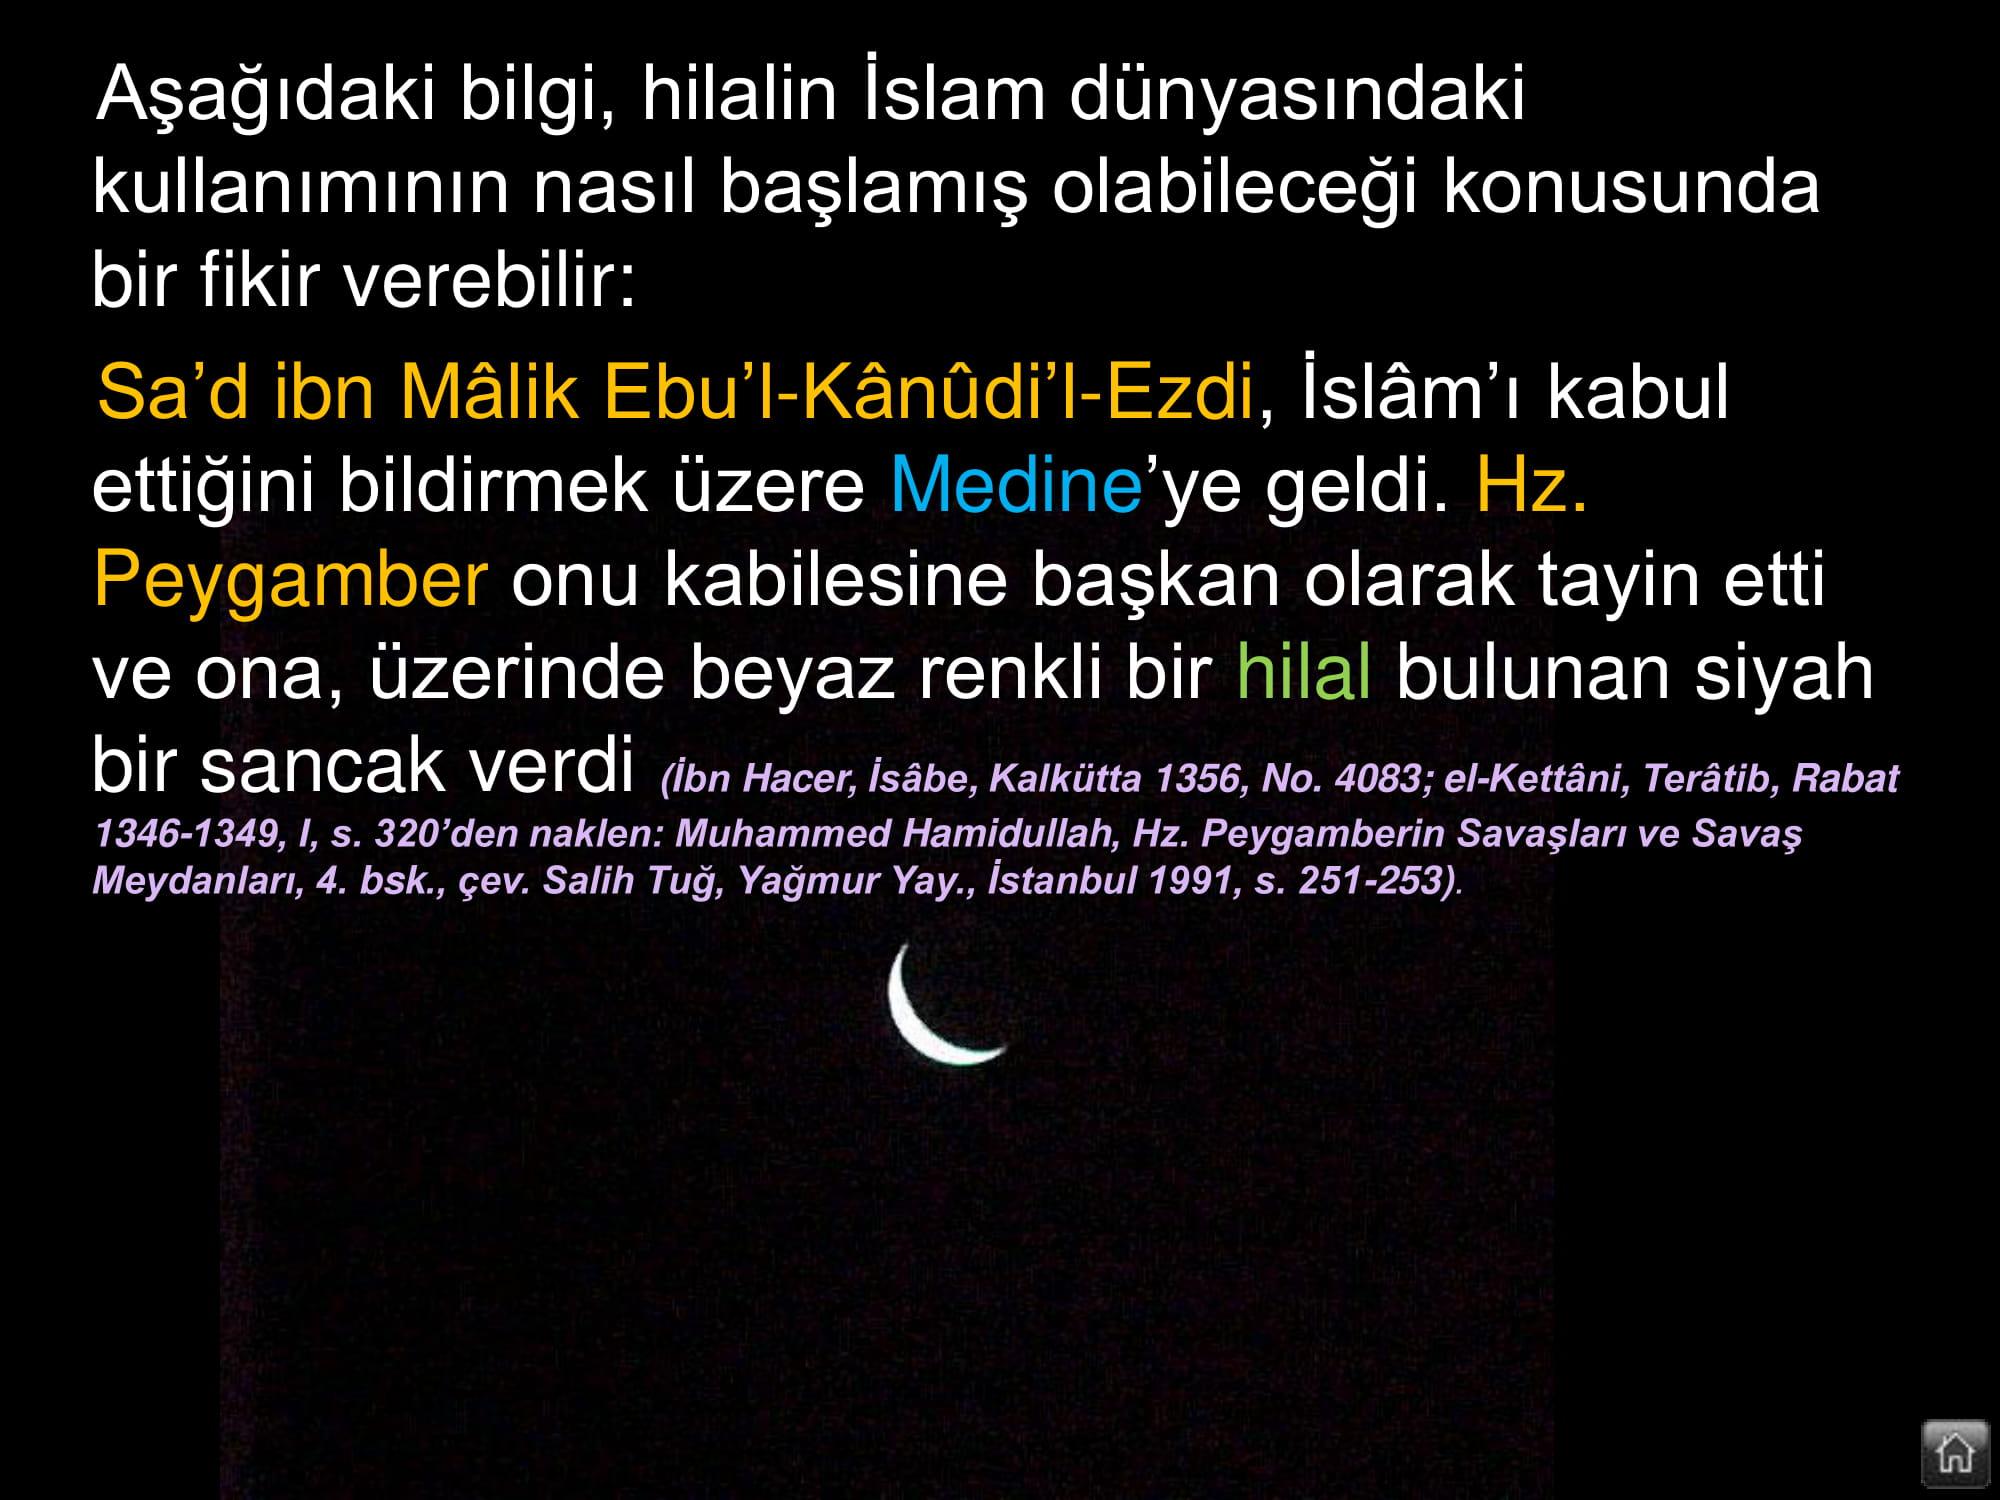 İslam hilal